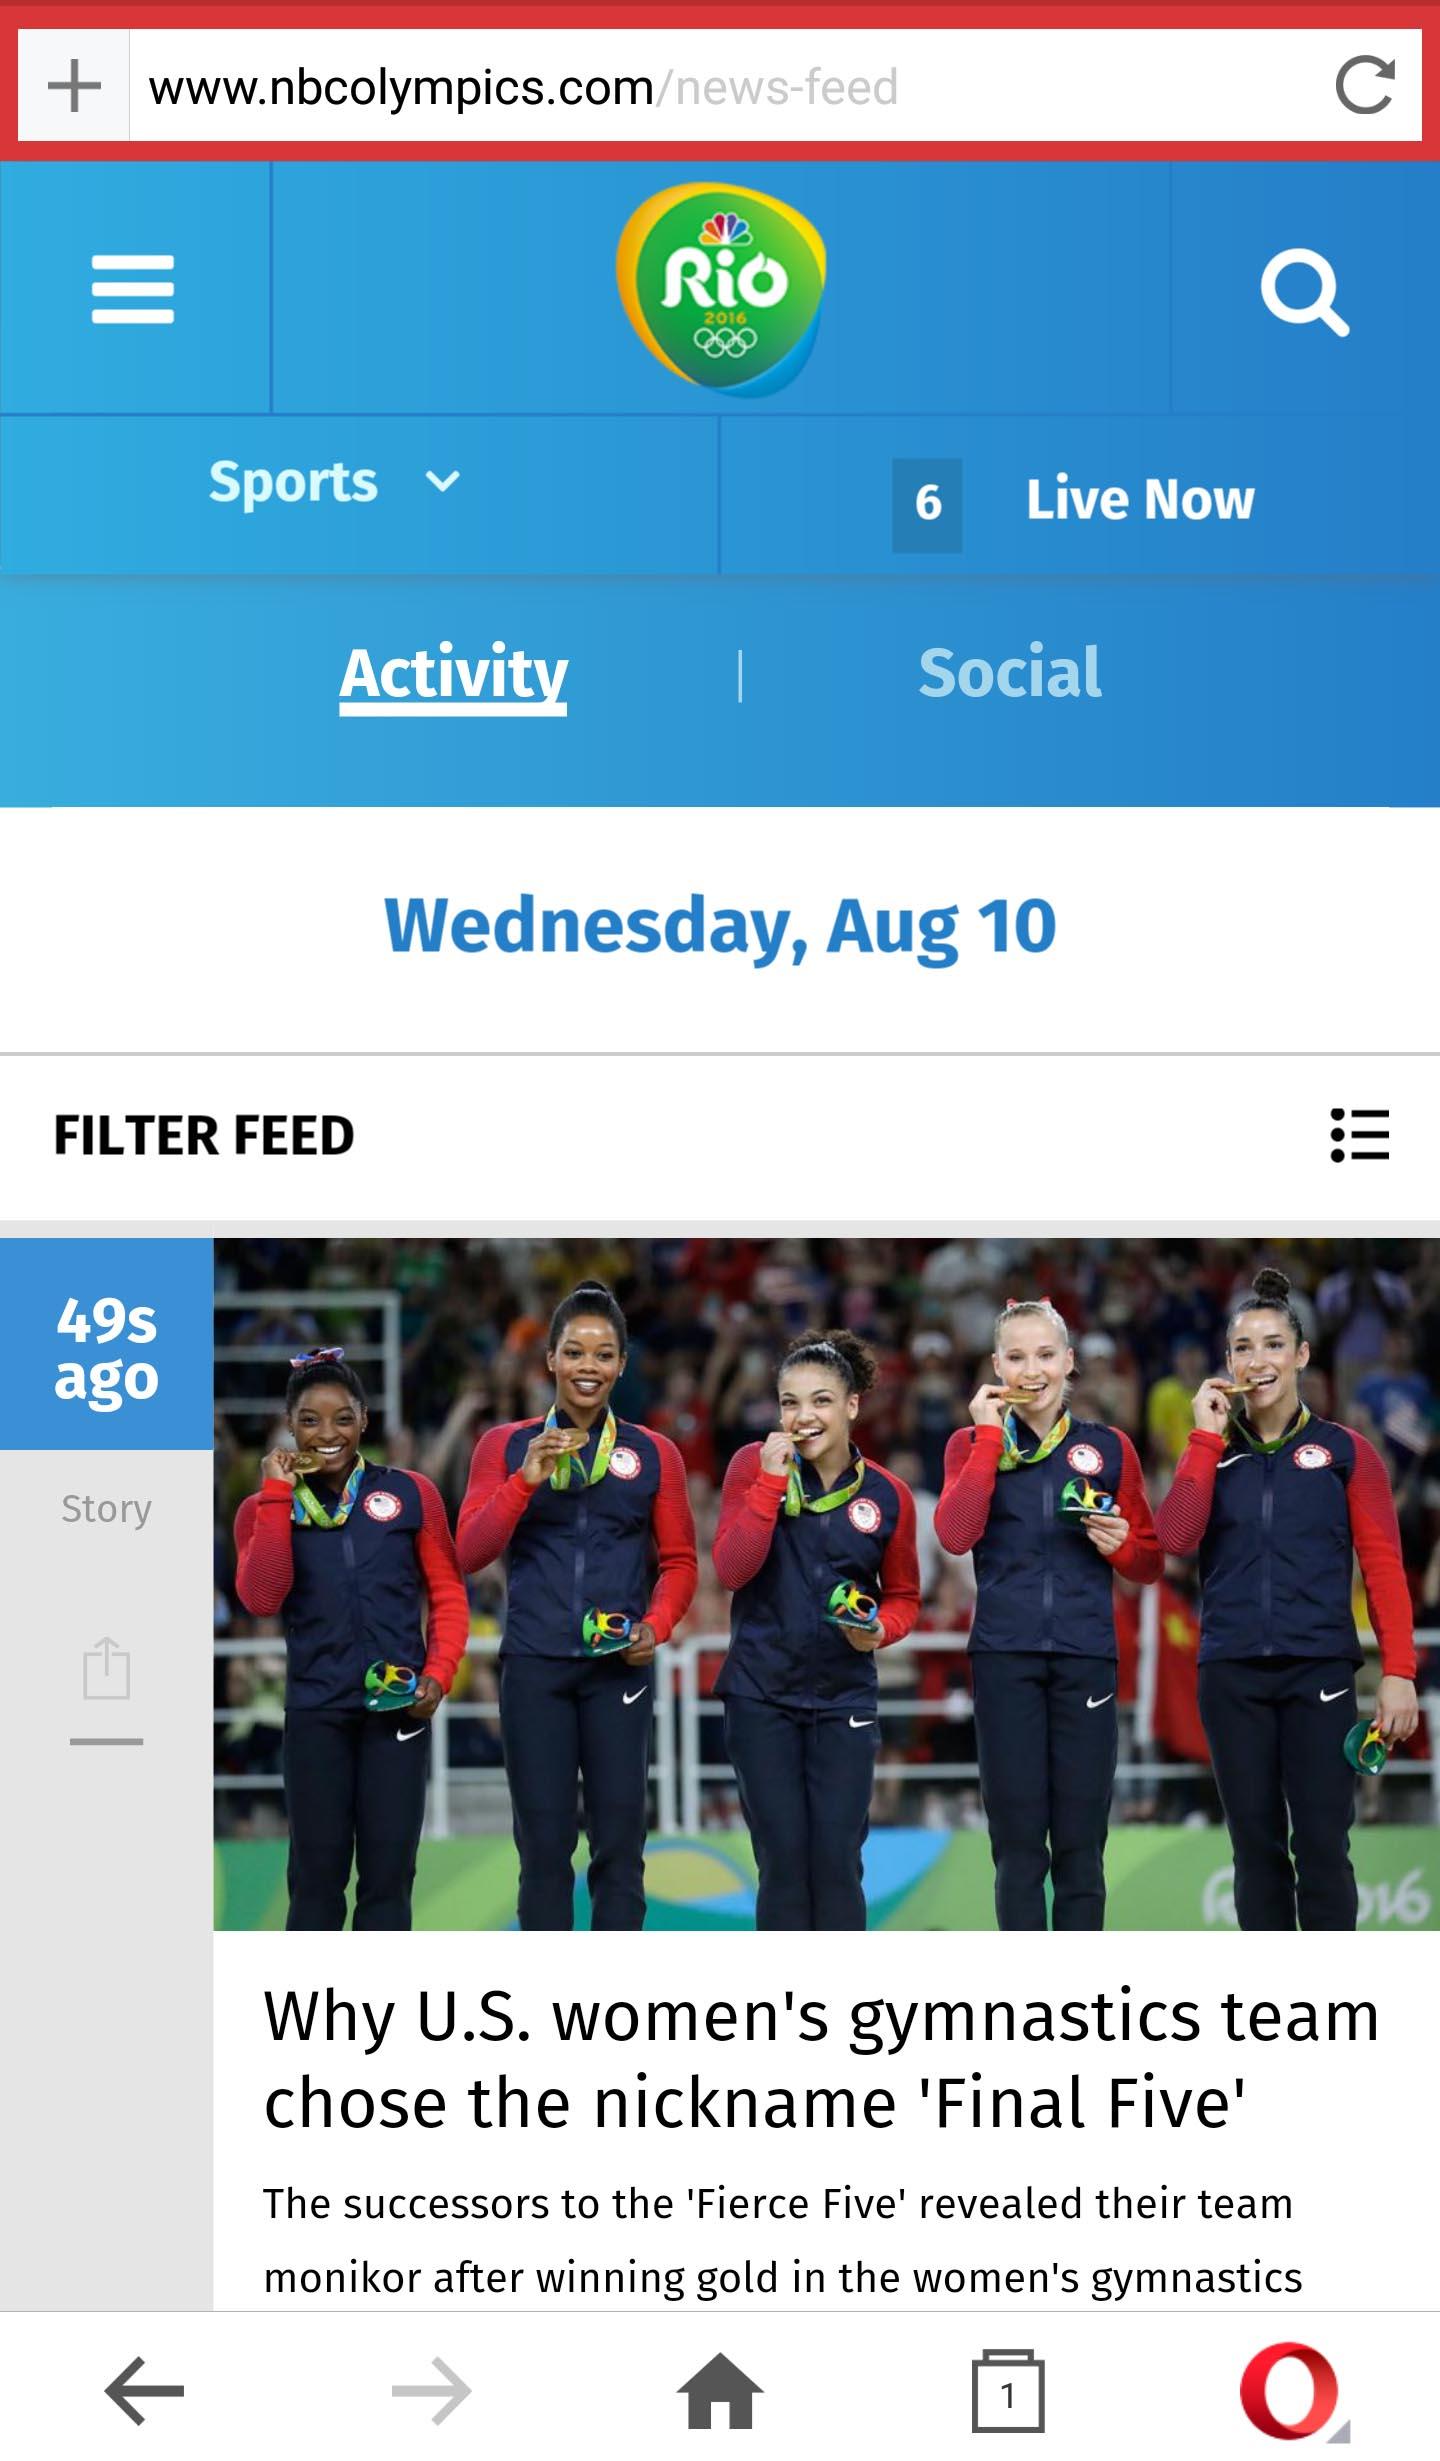 image: Rio games live news